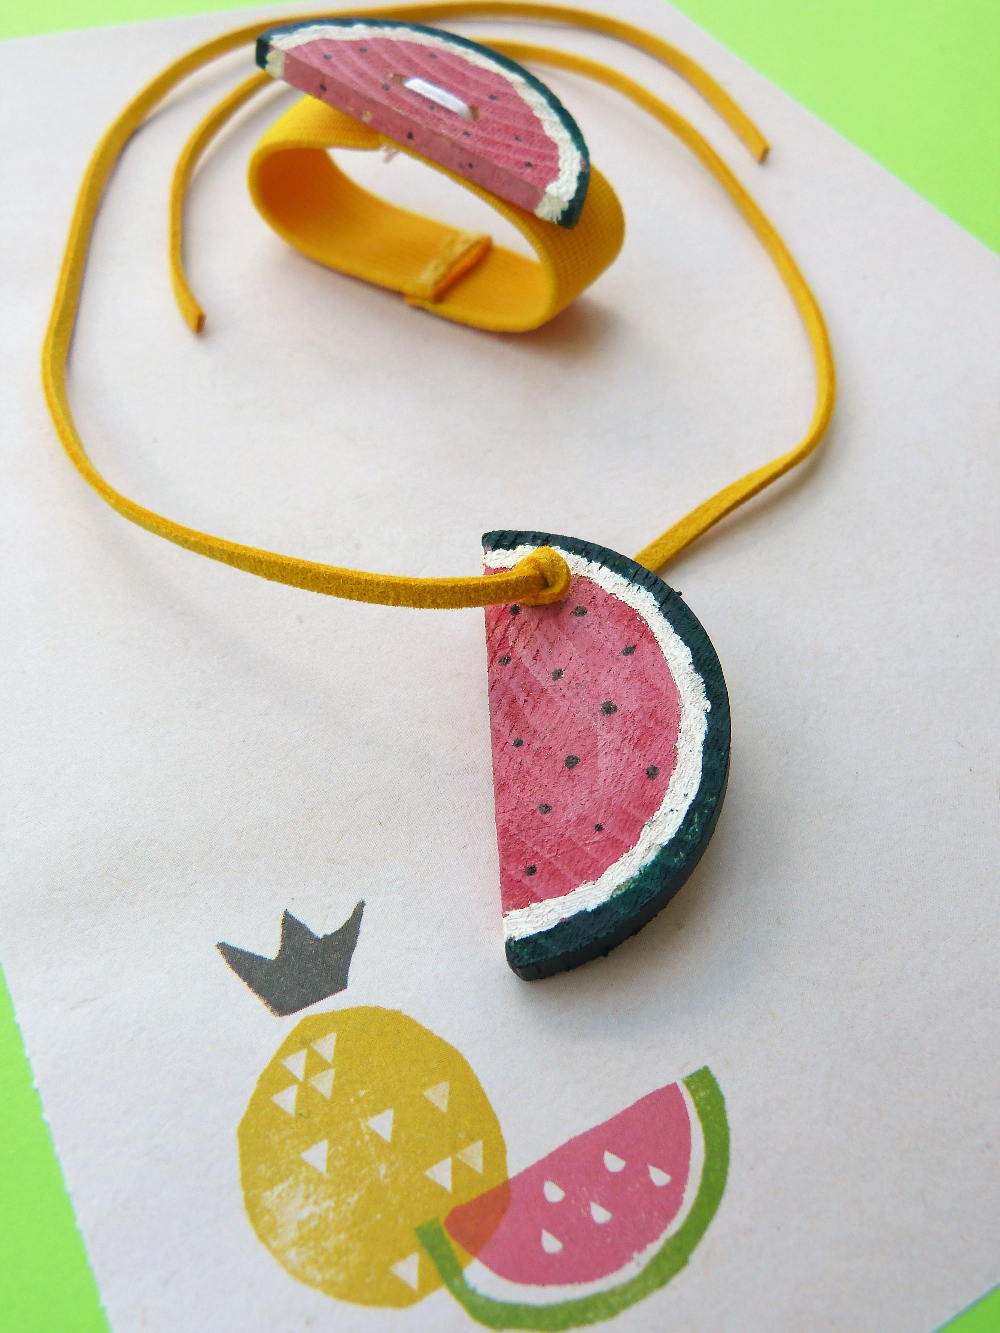 Anleitung | Wassermelonen - Schmuck für Kinder selbstgemacht aus Holz | www.fantasiewerk.ch